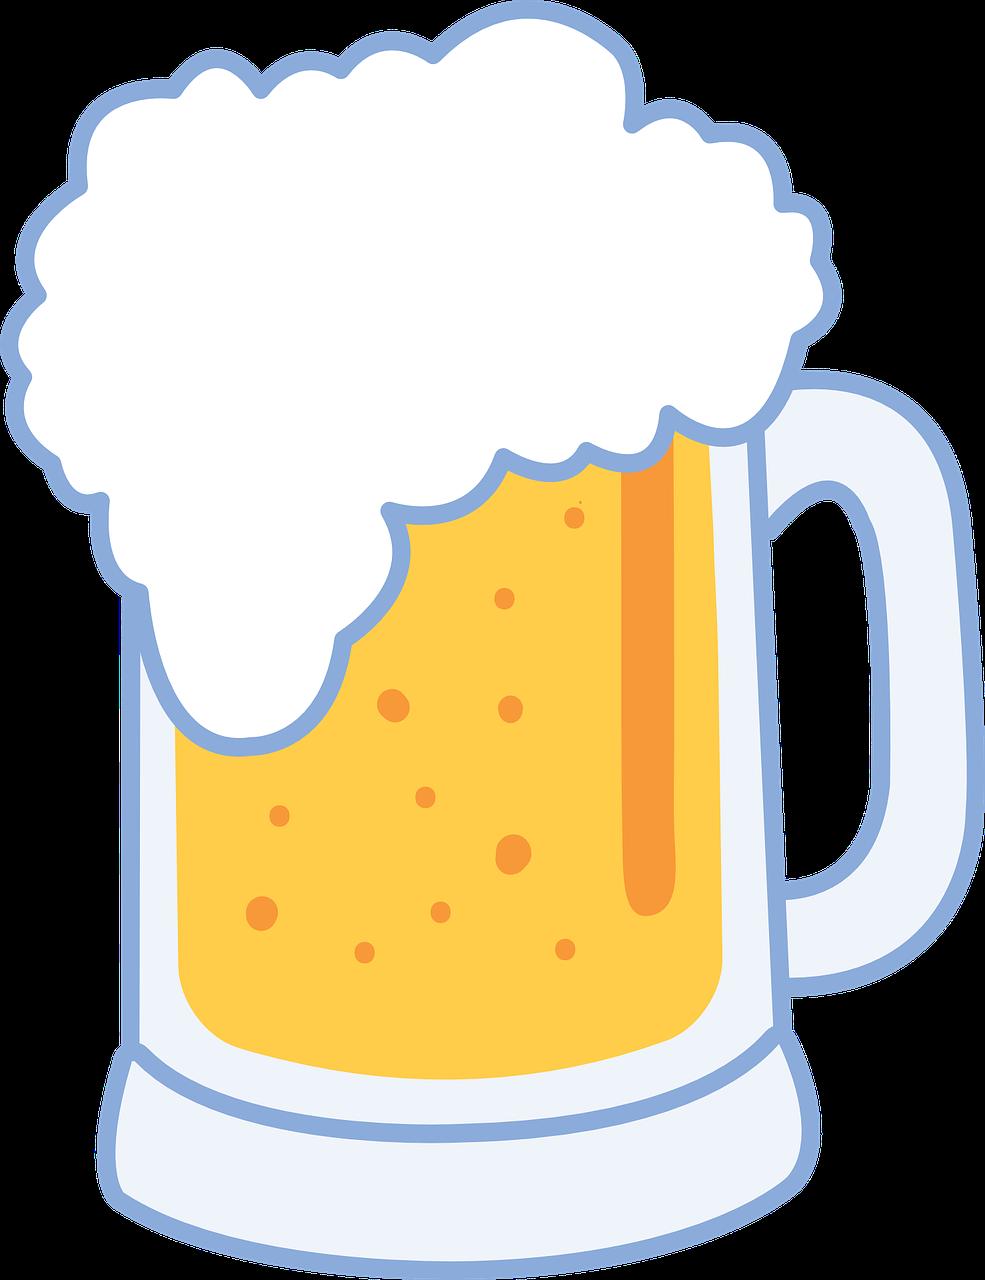 Beer Mug Clipart 23, Buy Clip Art.